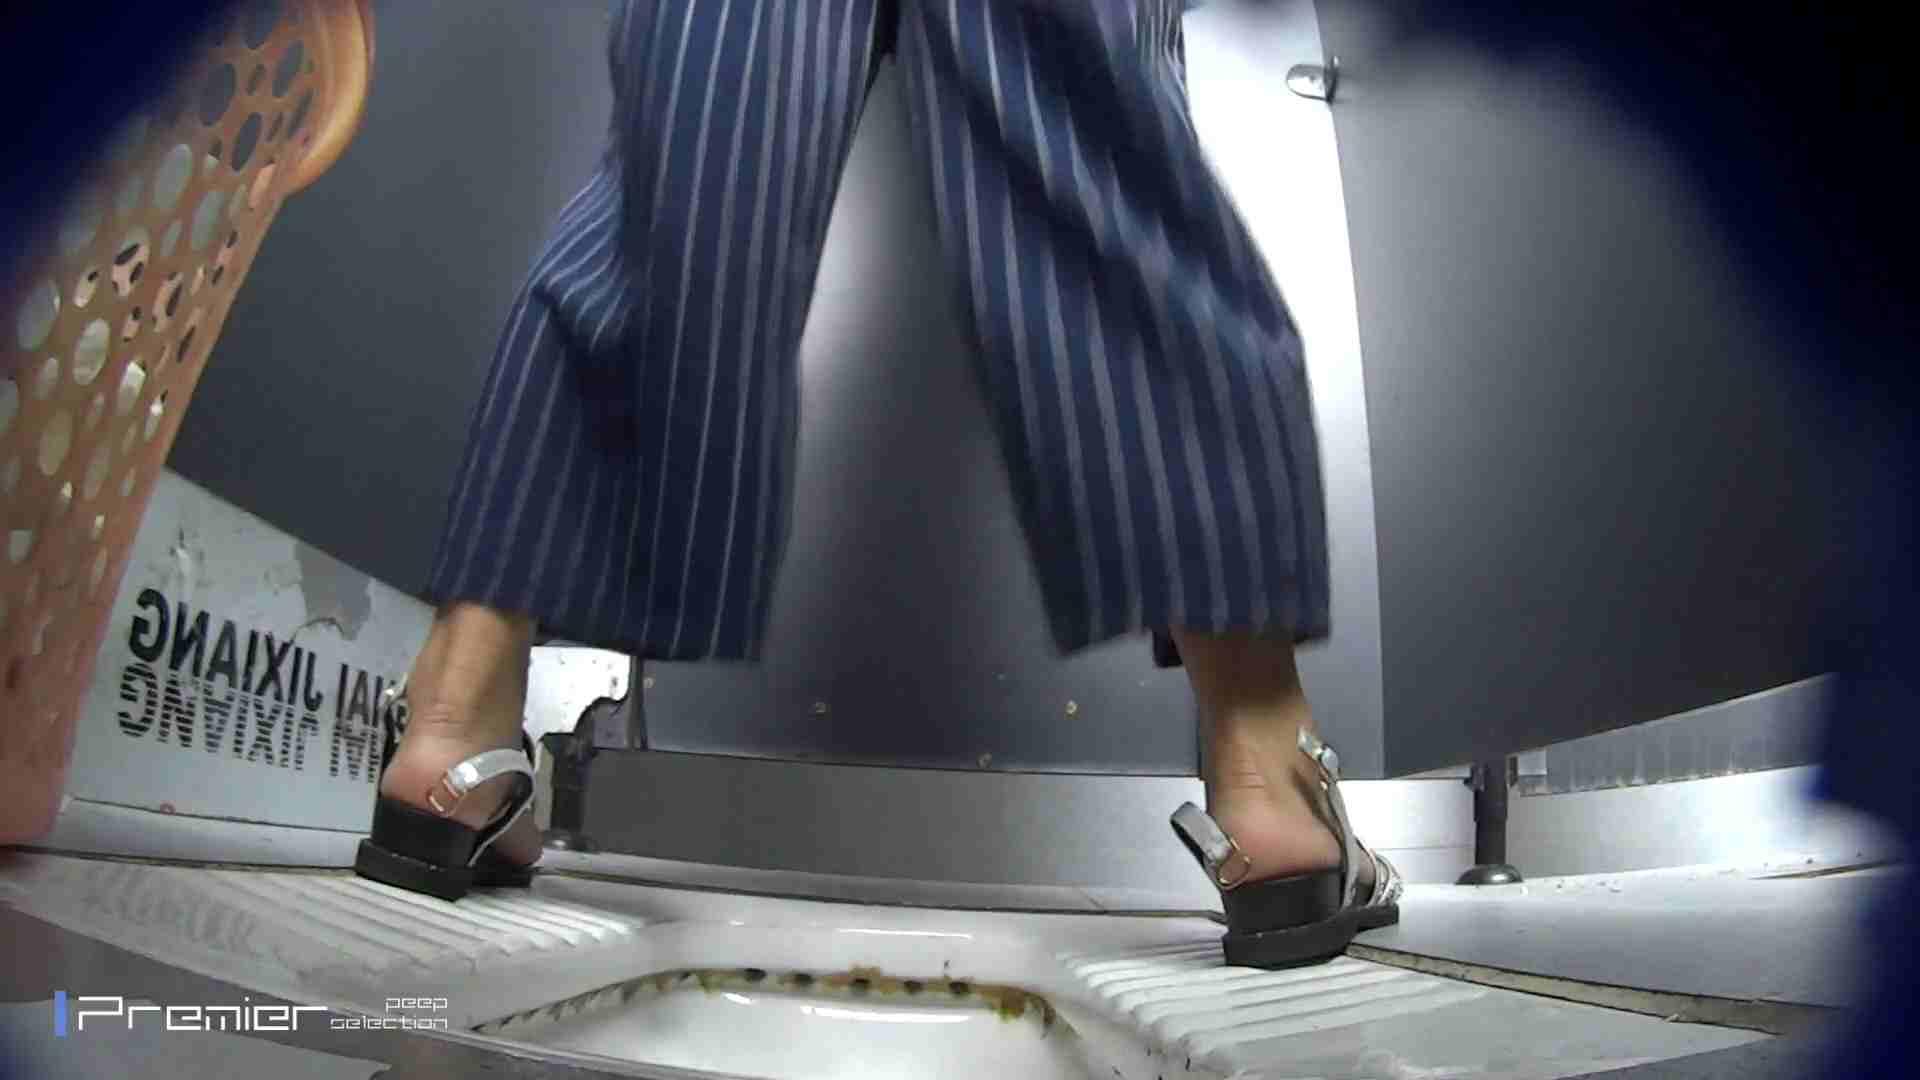 びゅーっと!オシッコ放出 大学休憩時間の洗面所事情47 細身女性 スケベ動画紹介 104画像 38